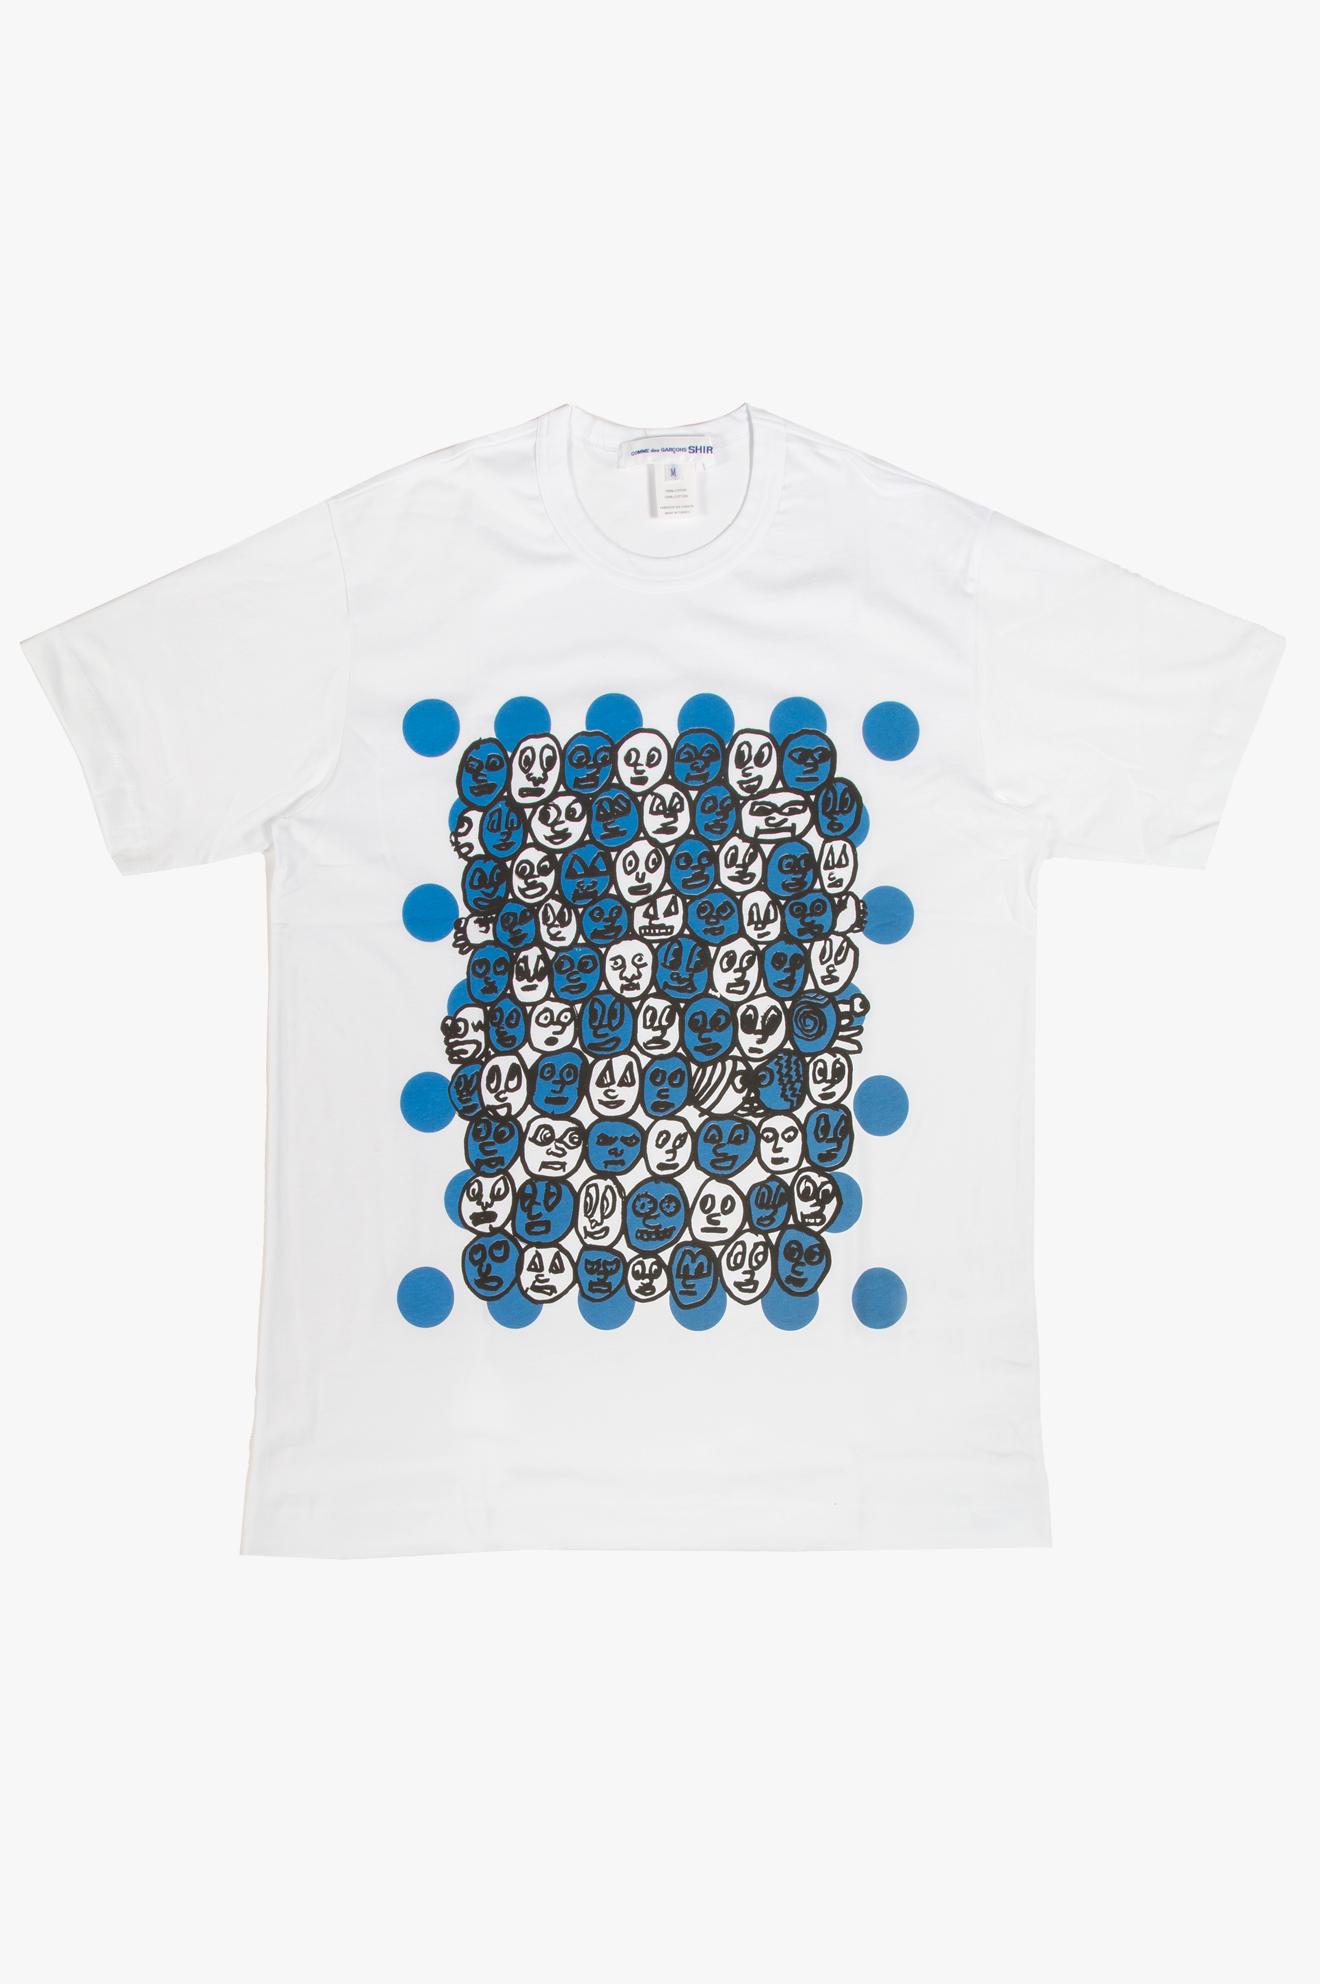 Noah Lyon Faces Print T-Shirt White